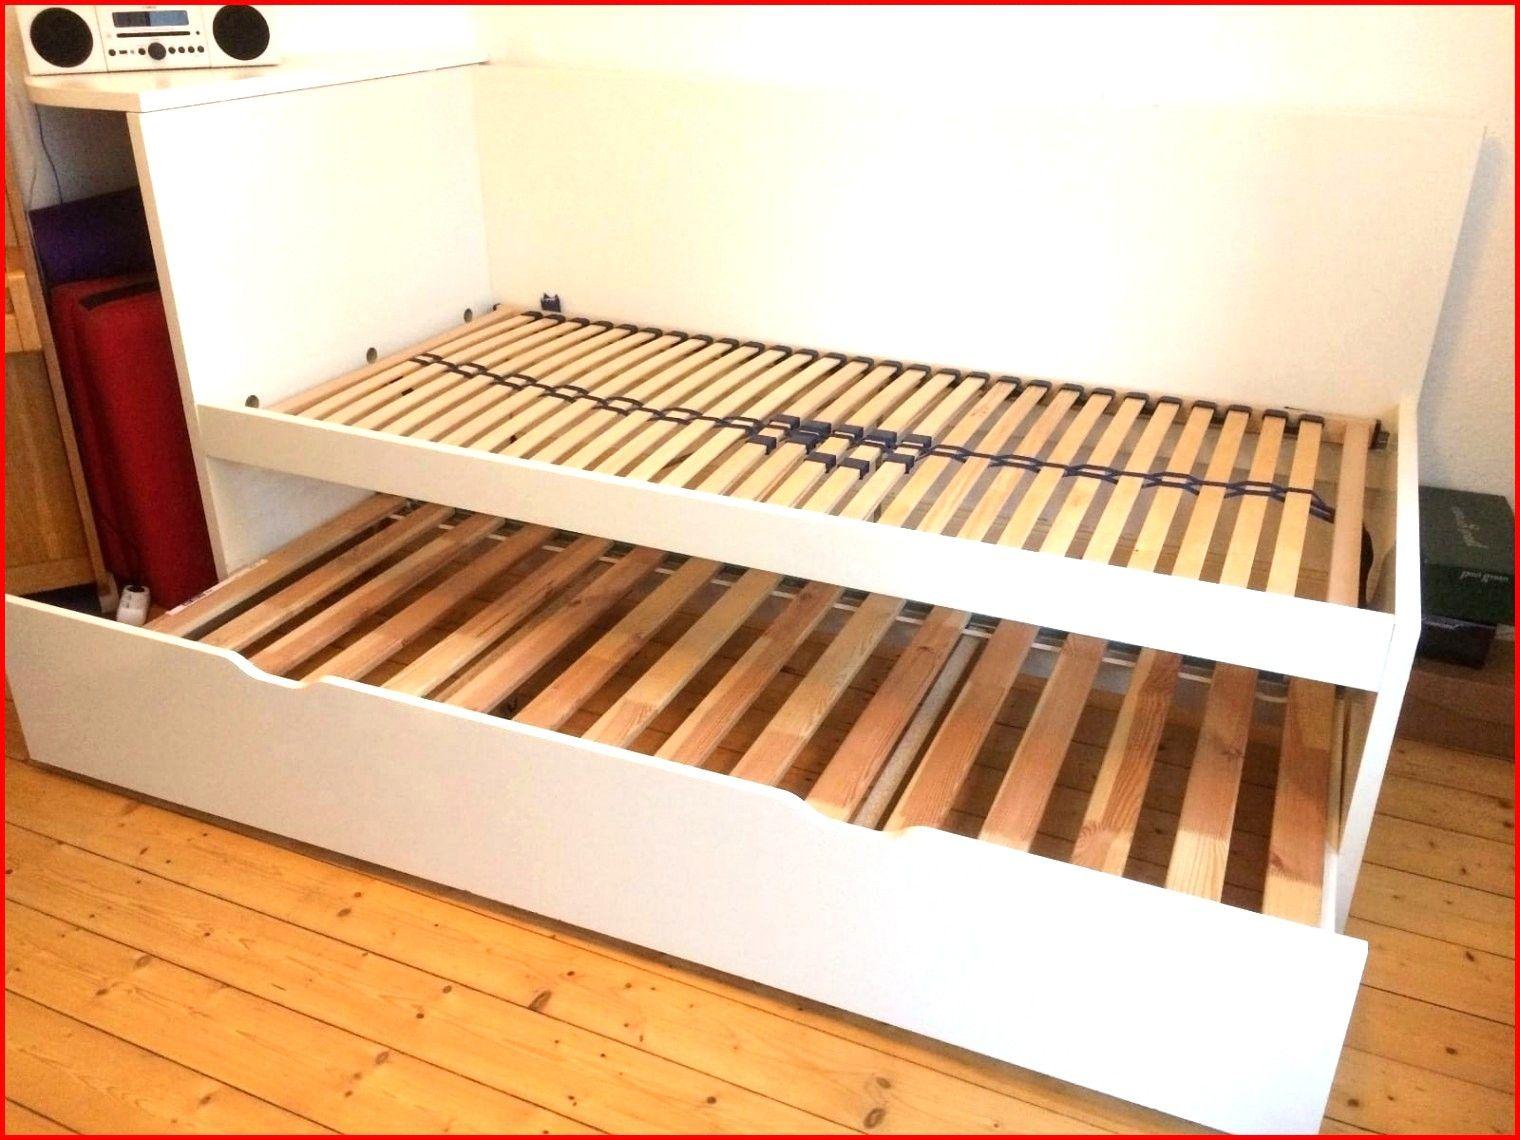 Ikea Mandal Kopfteil Gebraucht Ikea Kopfteil Bett Selber Machen Ikea Bett